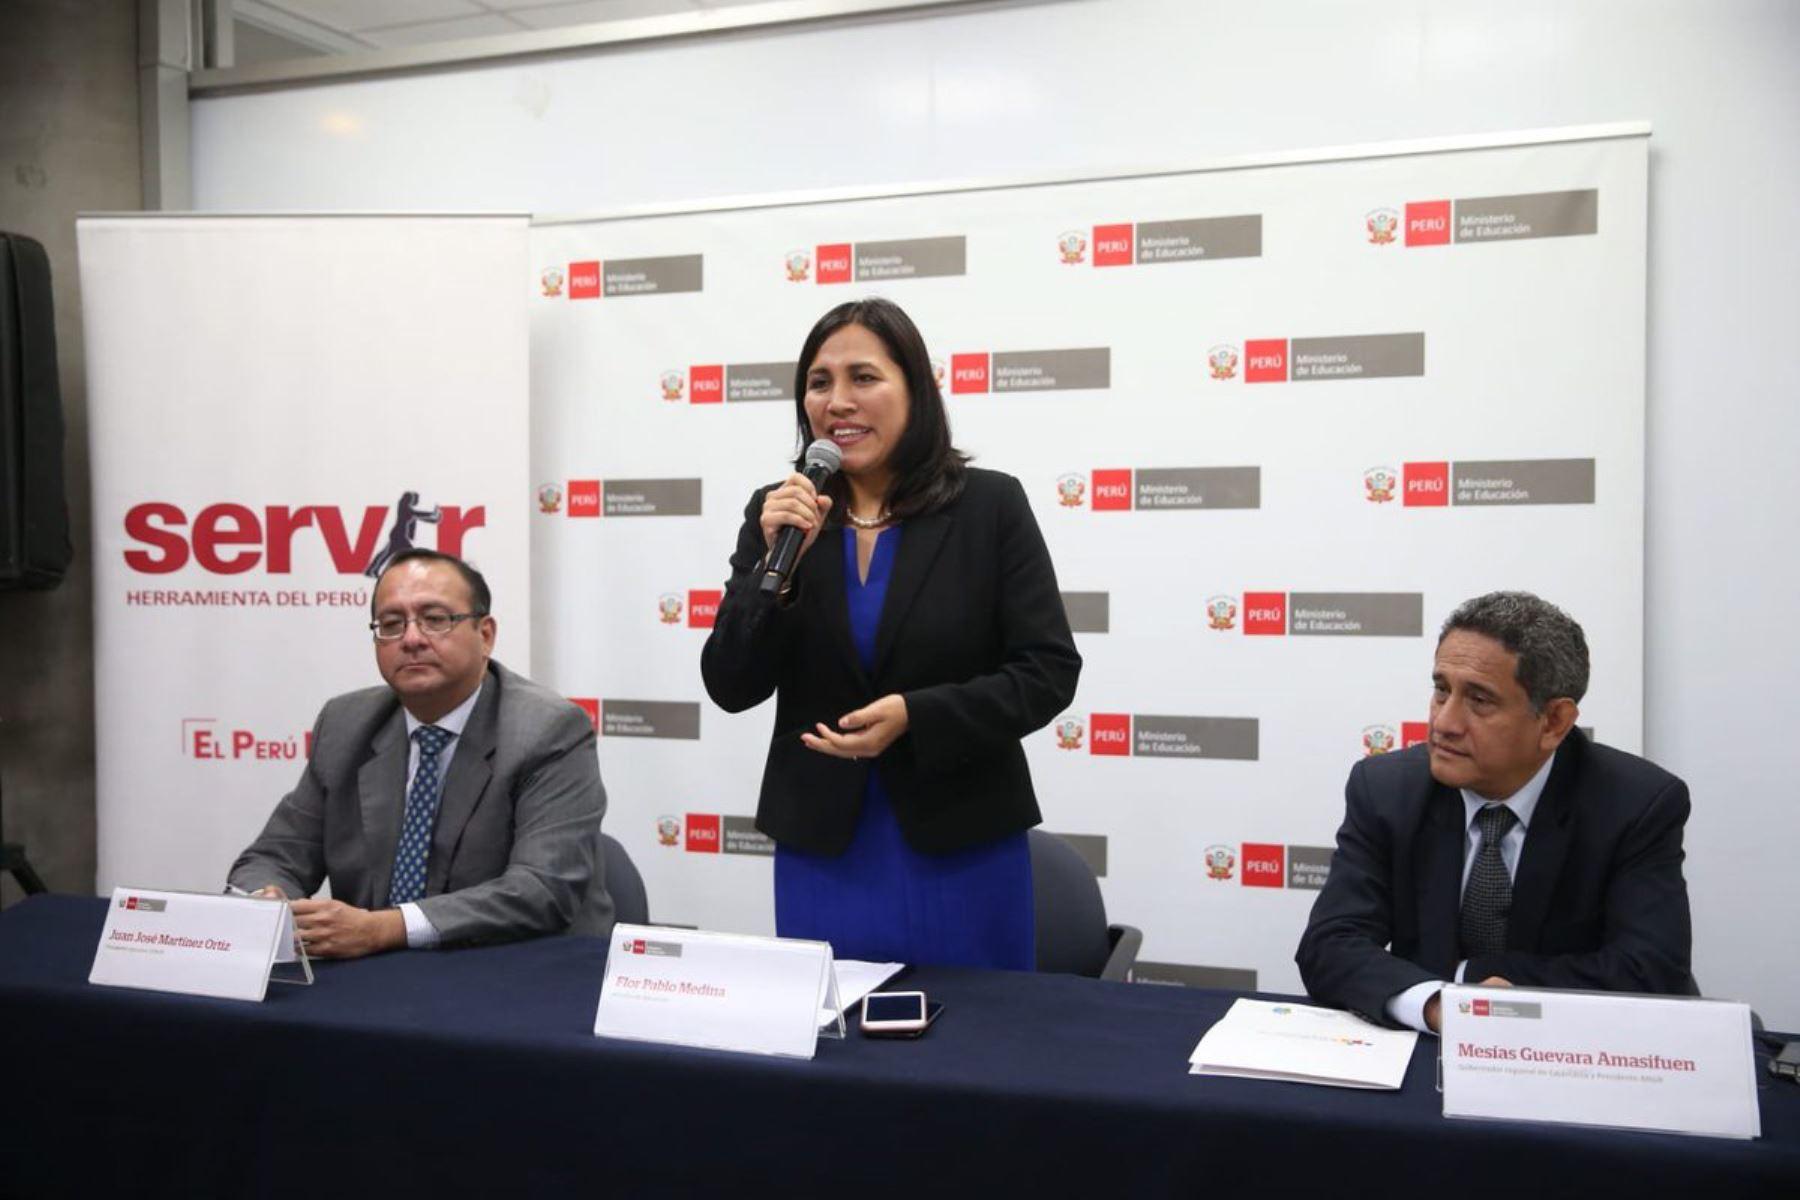 Firman convenio para incorporar  gerentes públicos a gobiernos regionales. Foto: Andina/Difusión